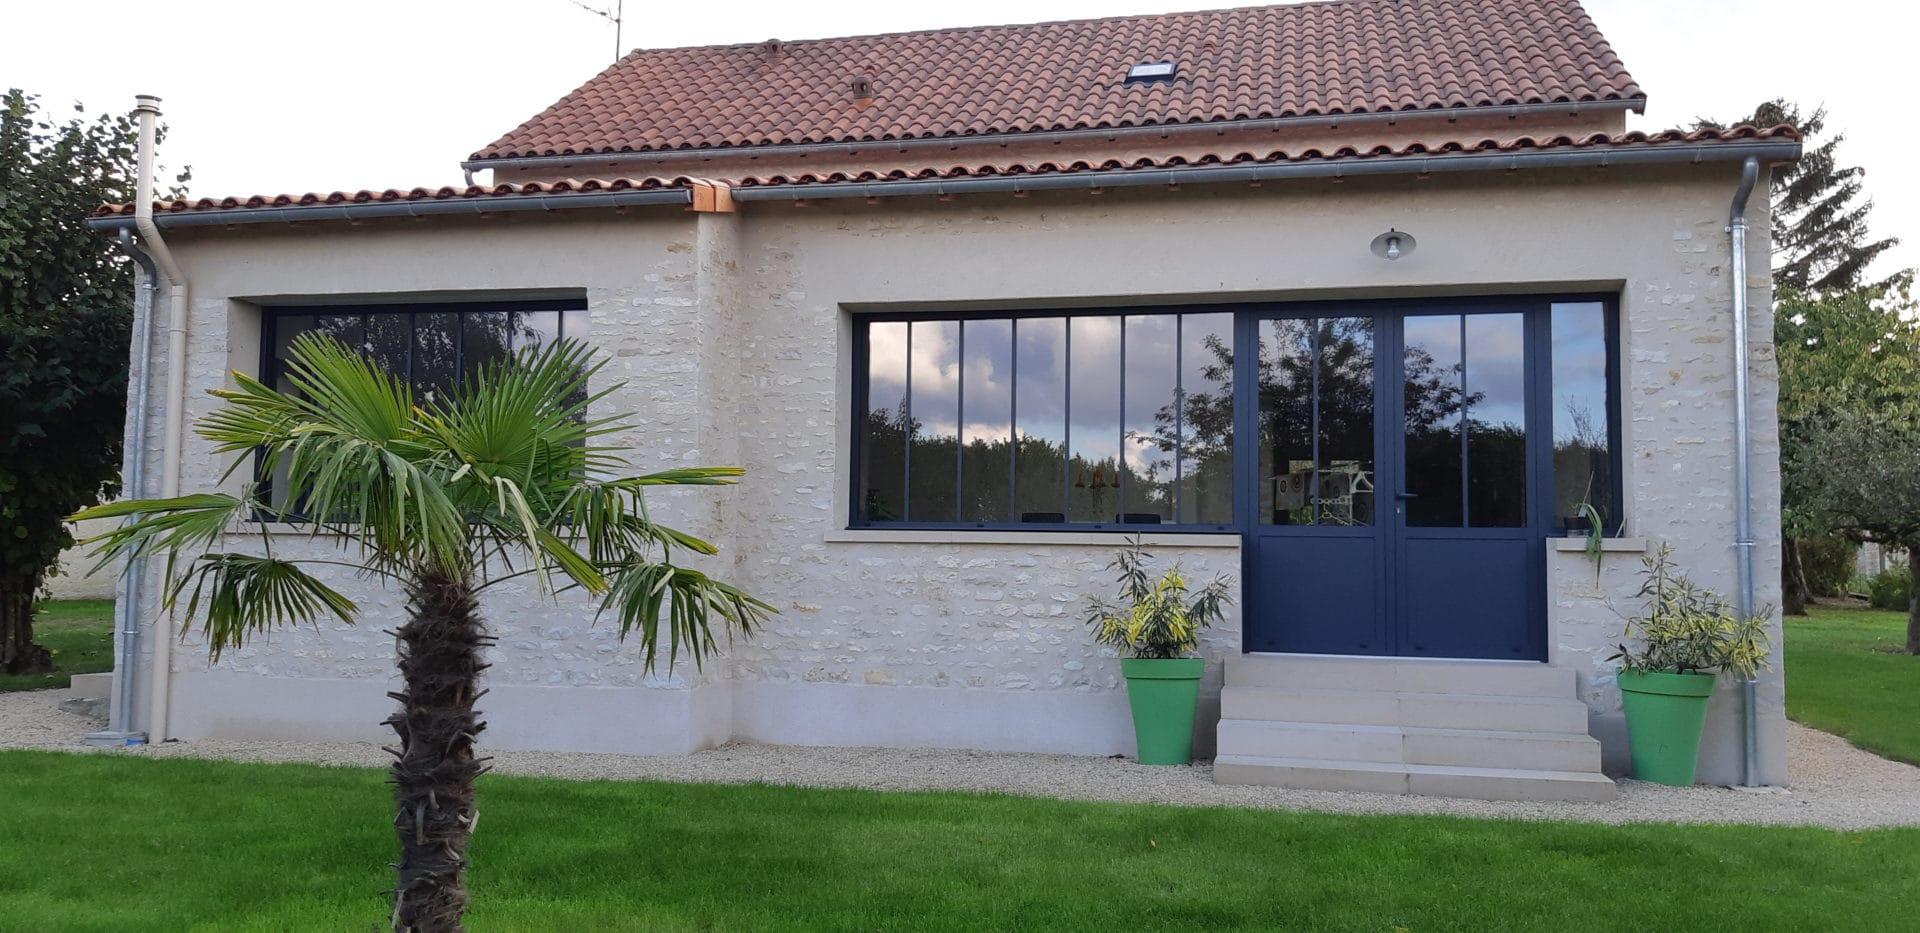 Extension de maison à Loudun (86)